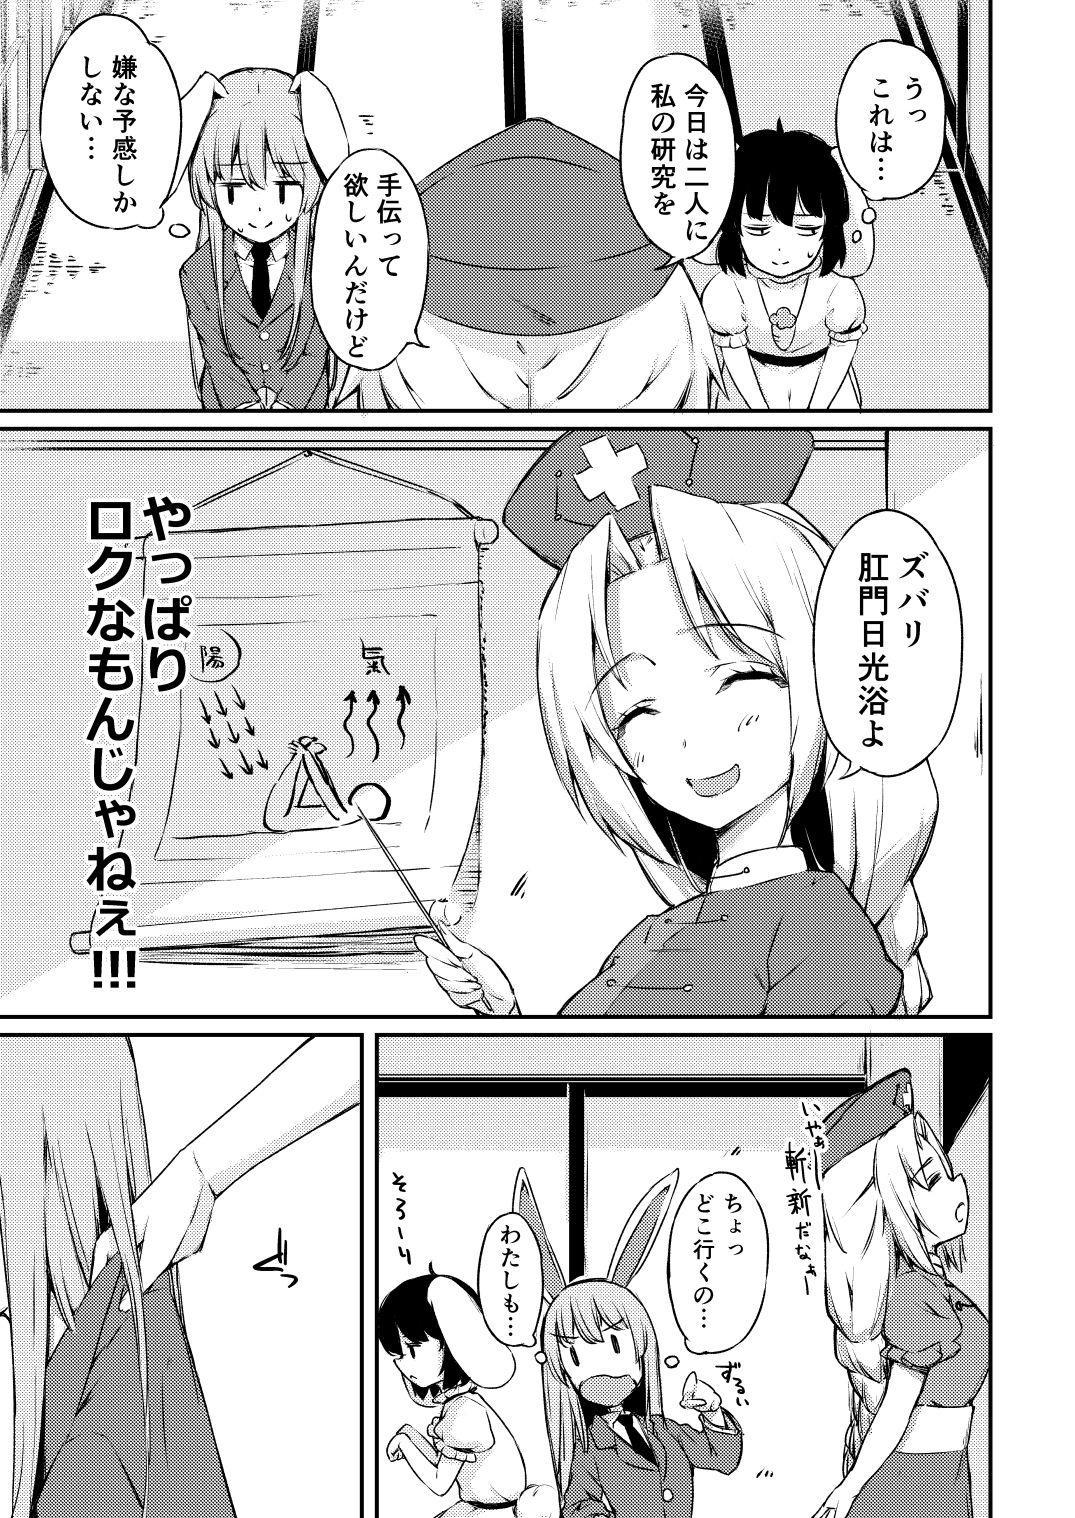 PokaPoka On Udon! 1